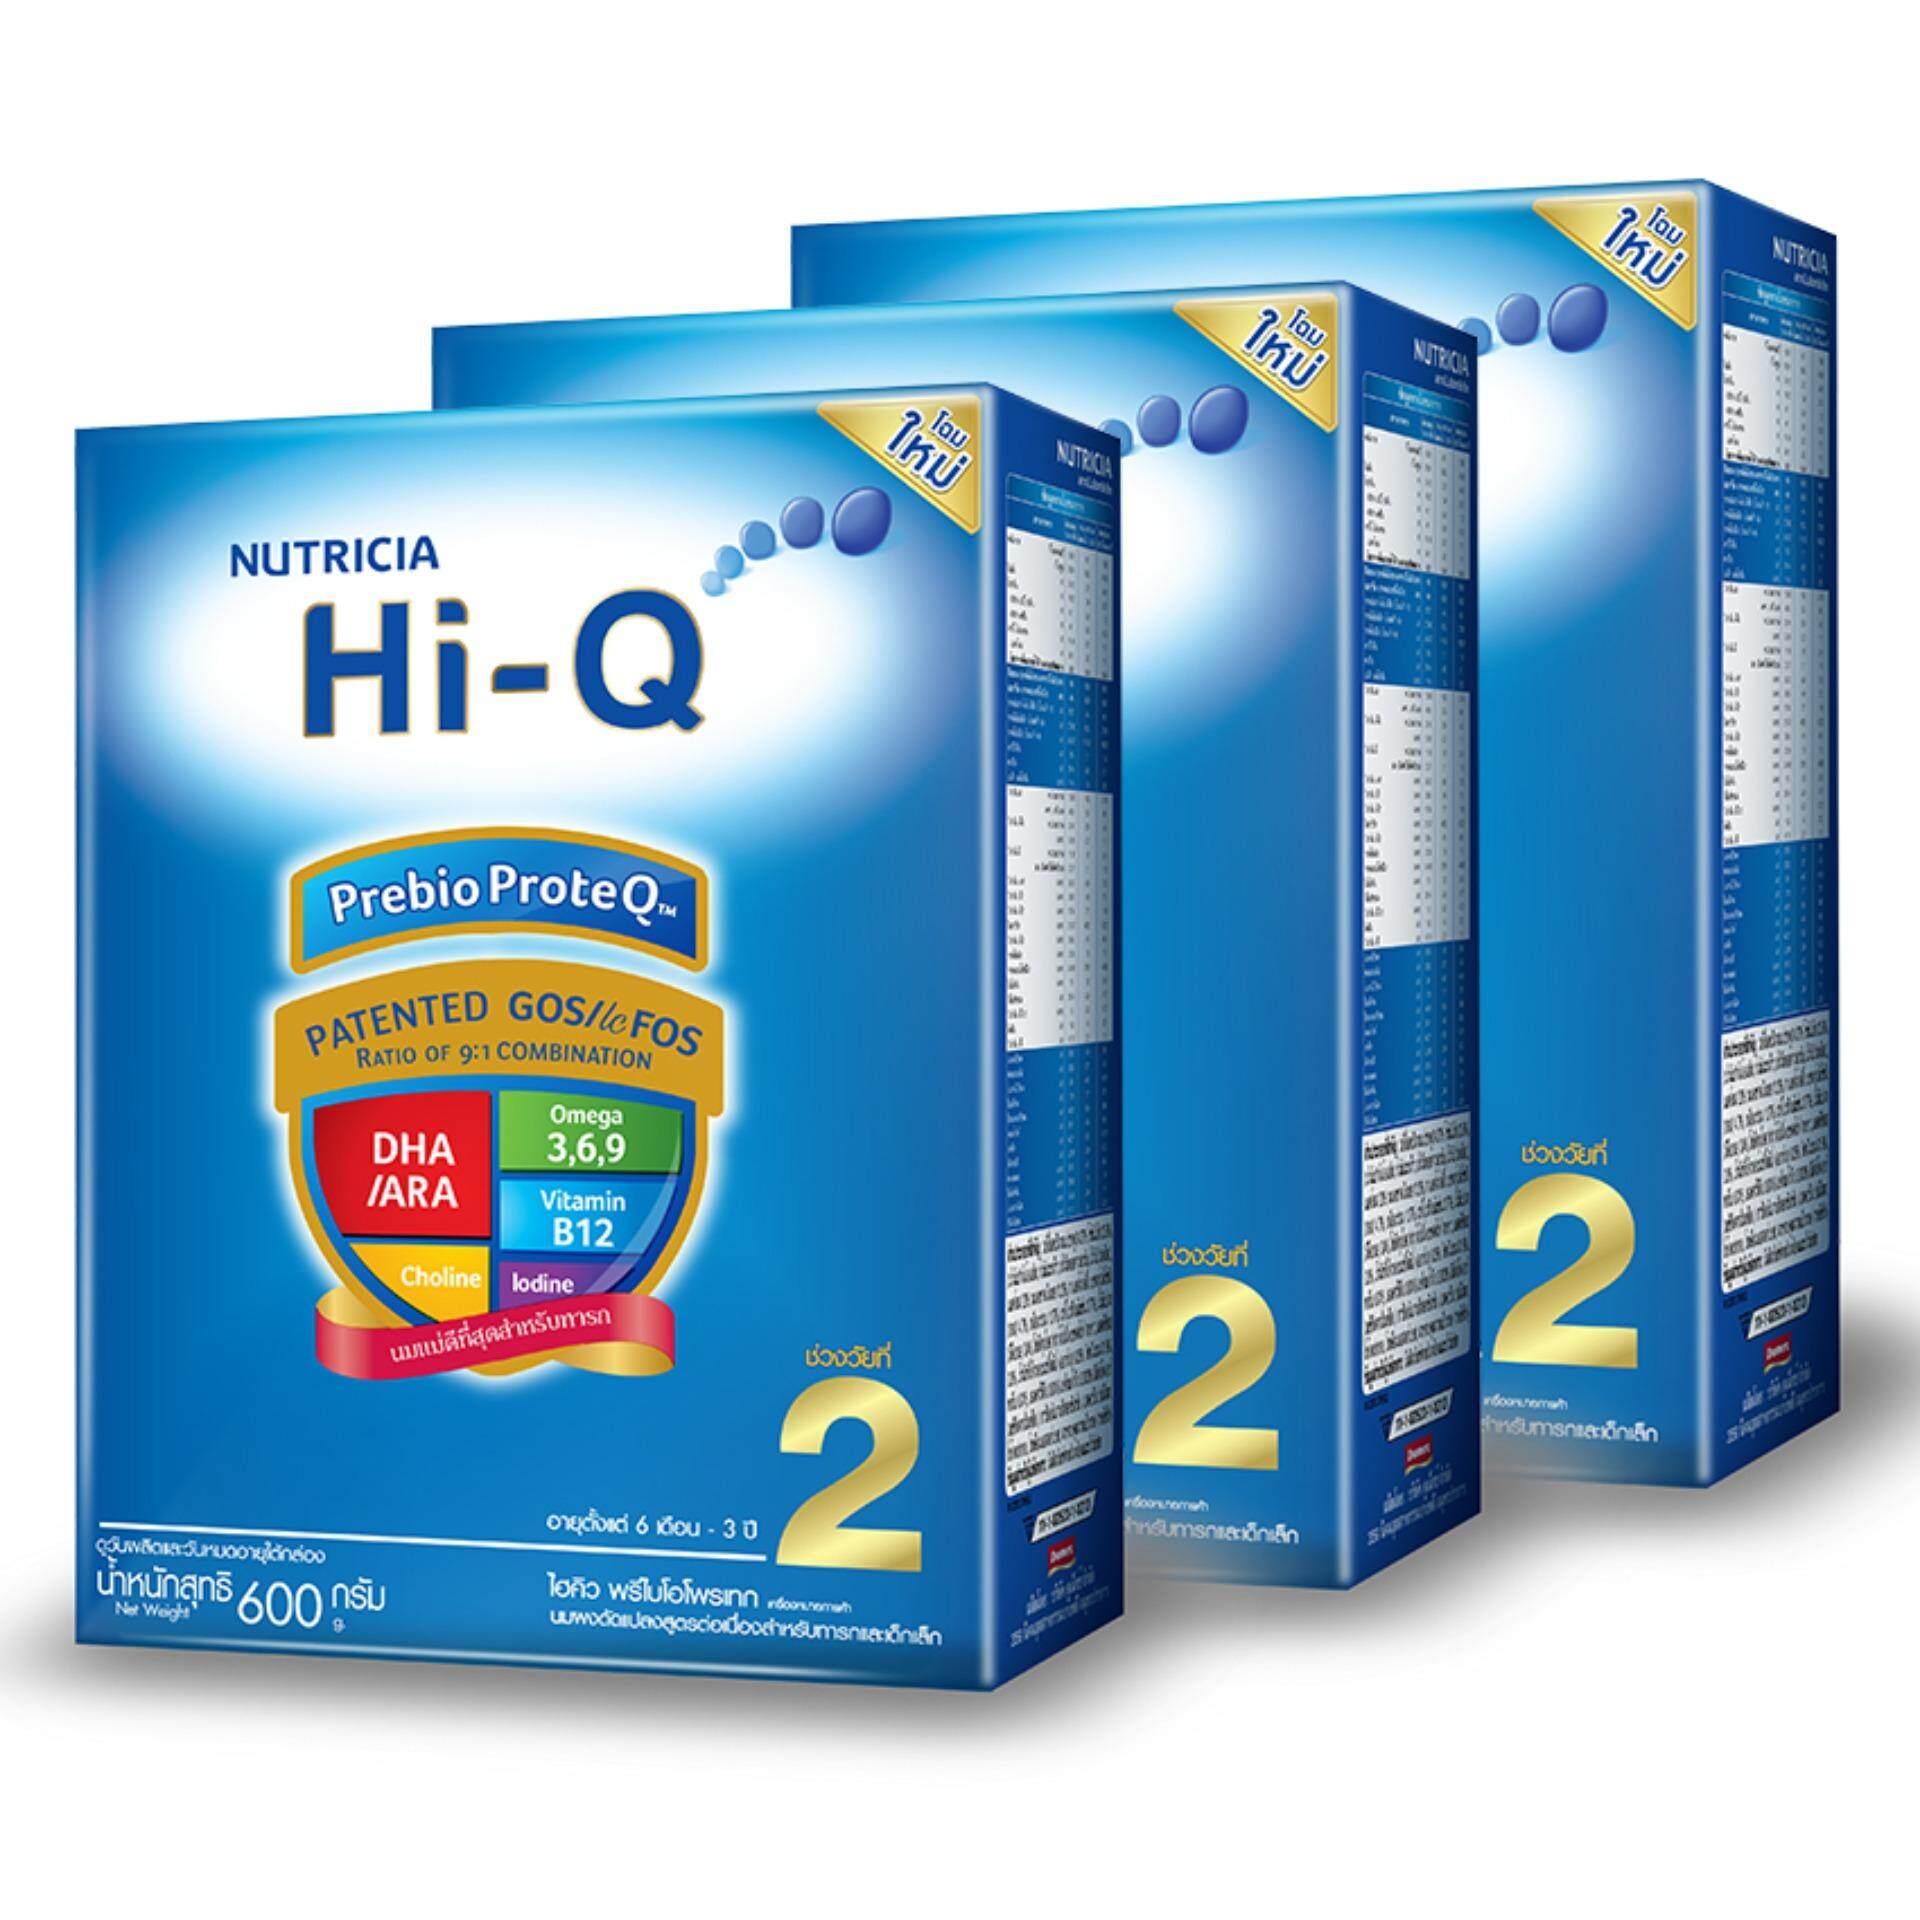 ซื้อที่ไหน HI-Q ไฮคิว นมผงสำหรับเด็ก ช่วงวัยที่ 2 พรีไบโอโบรเทก รสจืด 600กรัม (แพ็ค 3 กล่อง)